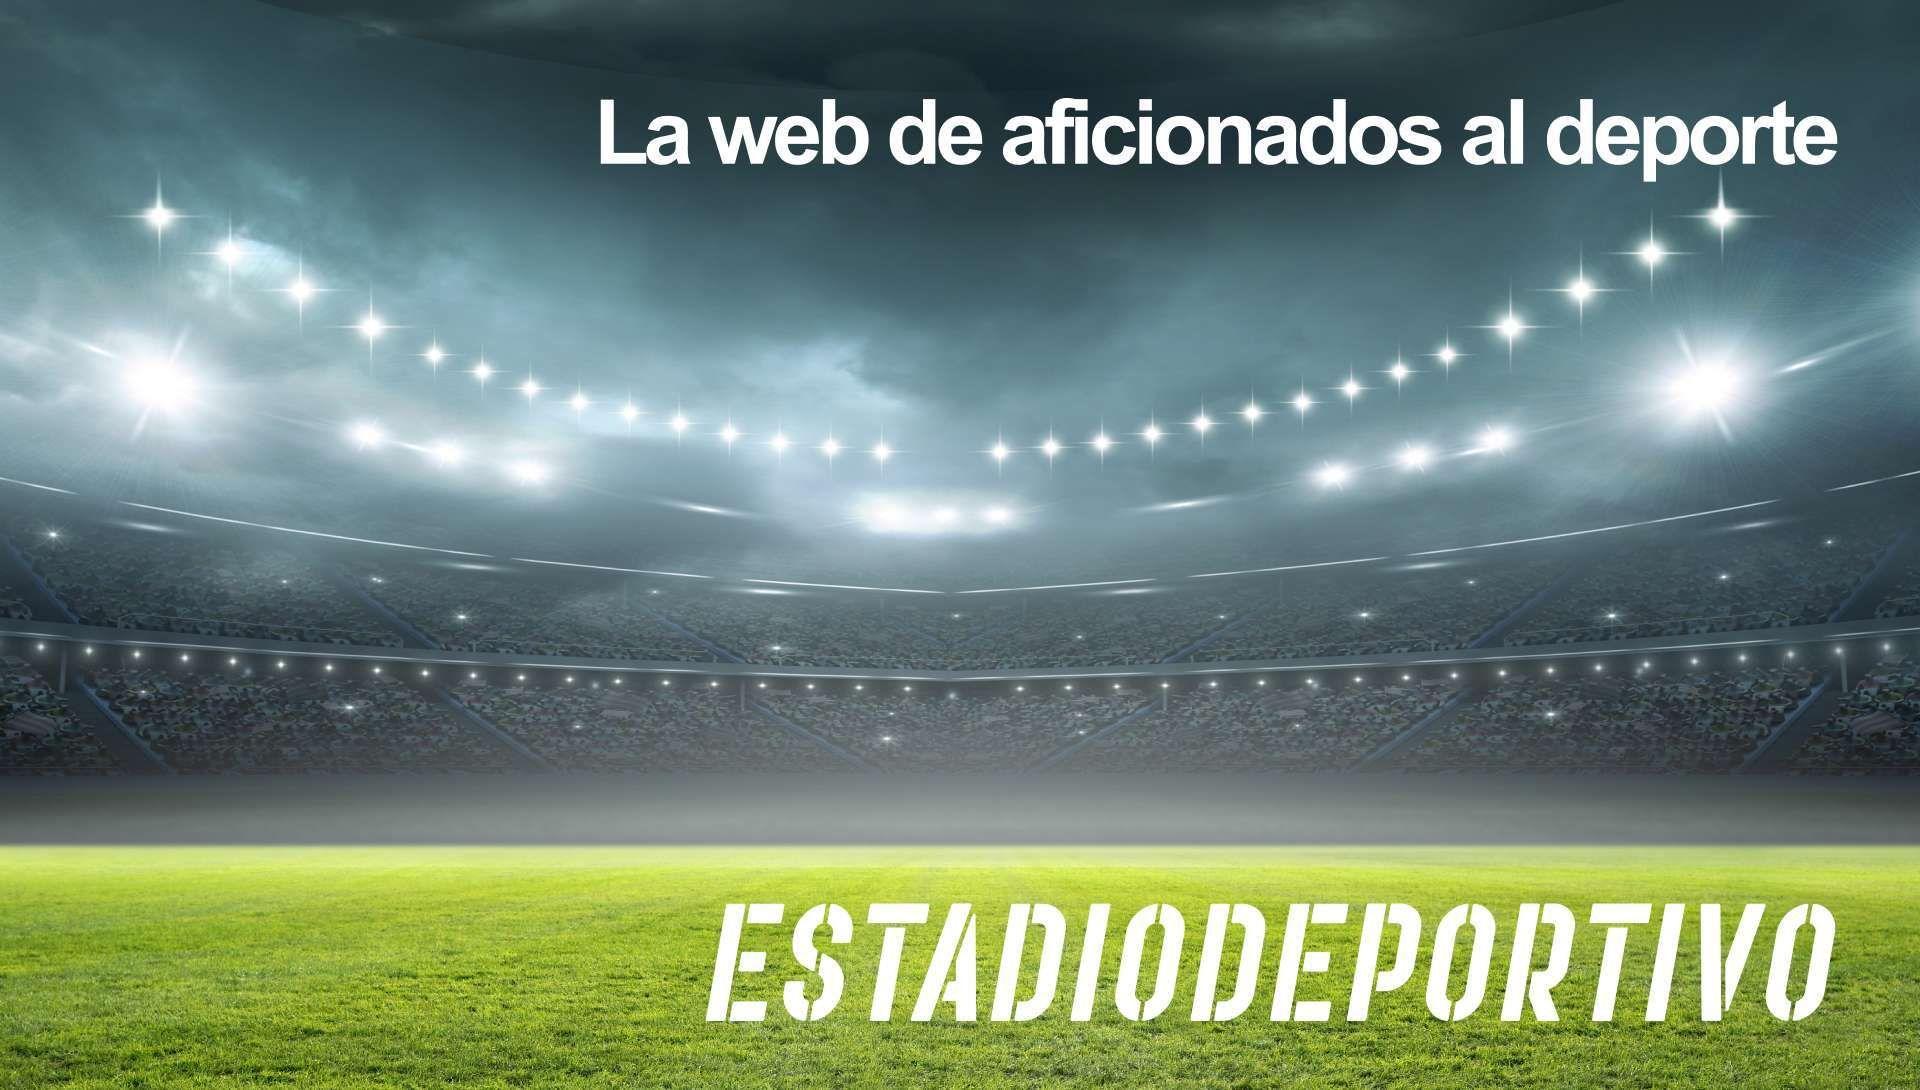 Las portadas deportivas del miércoles 27 de octubre